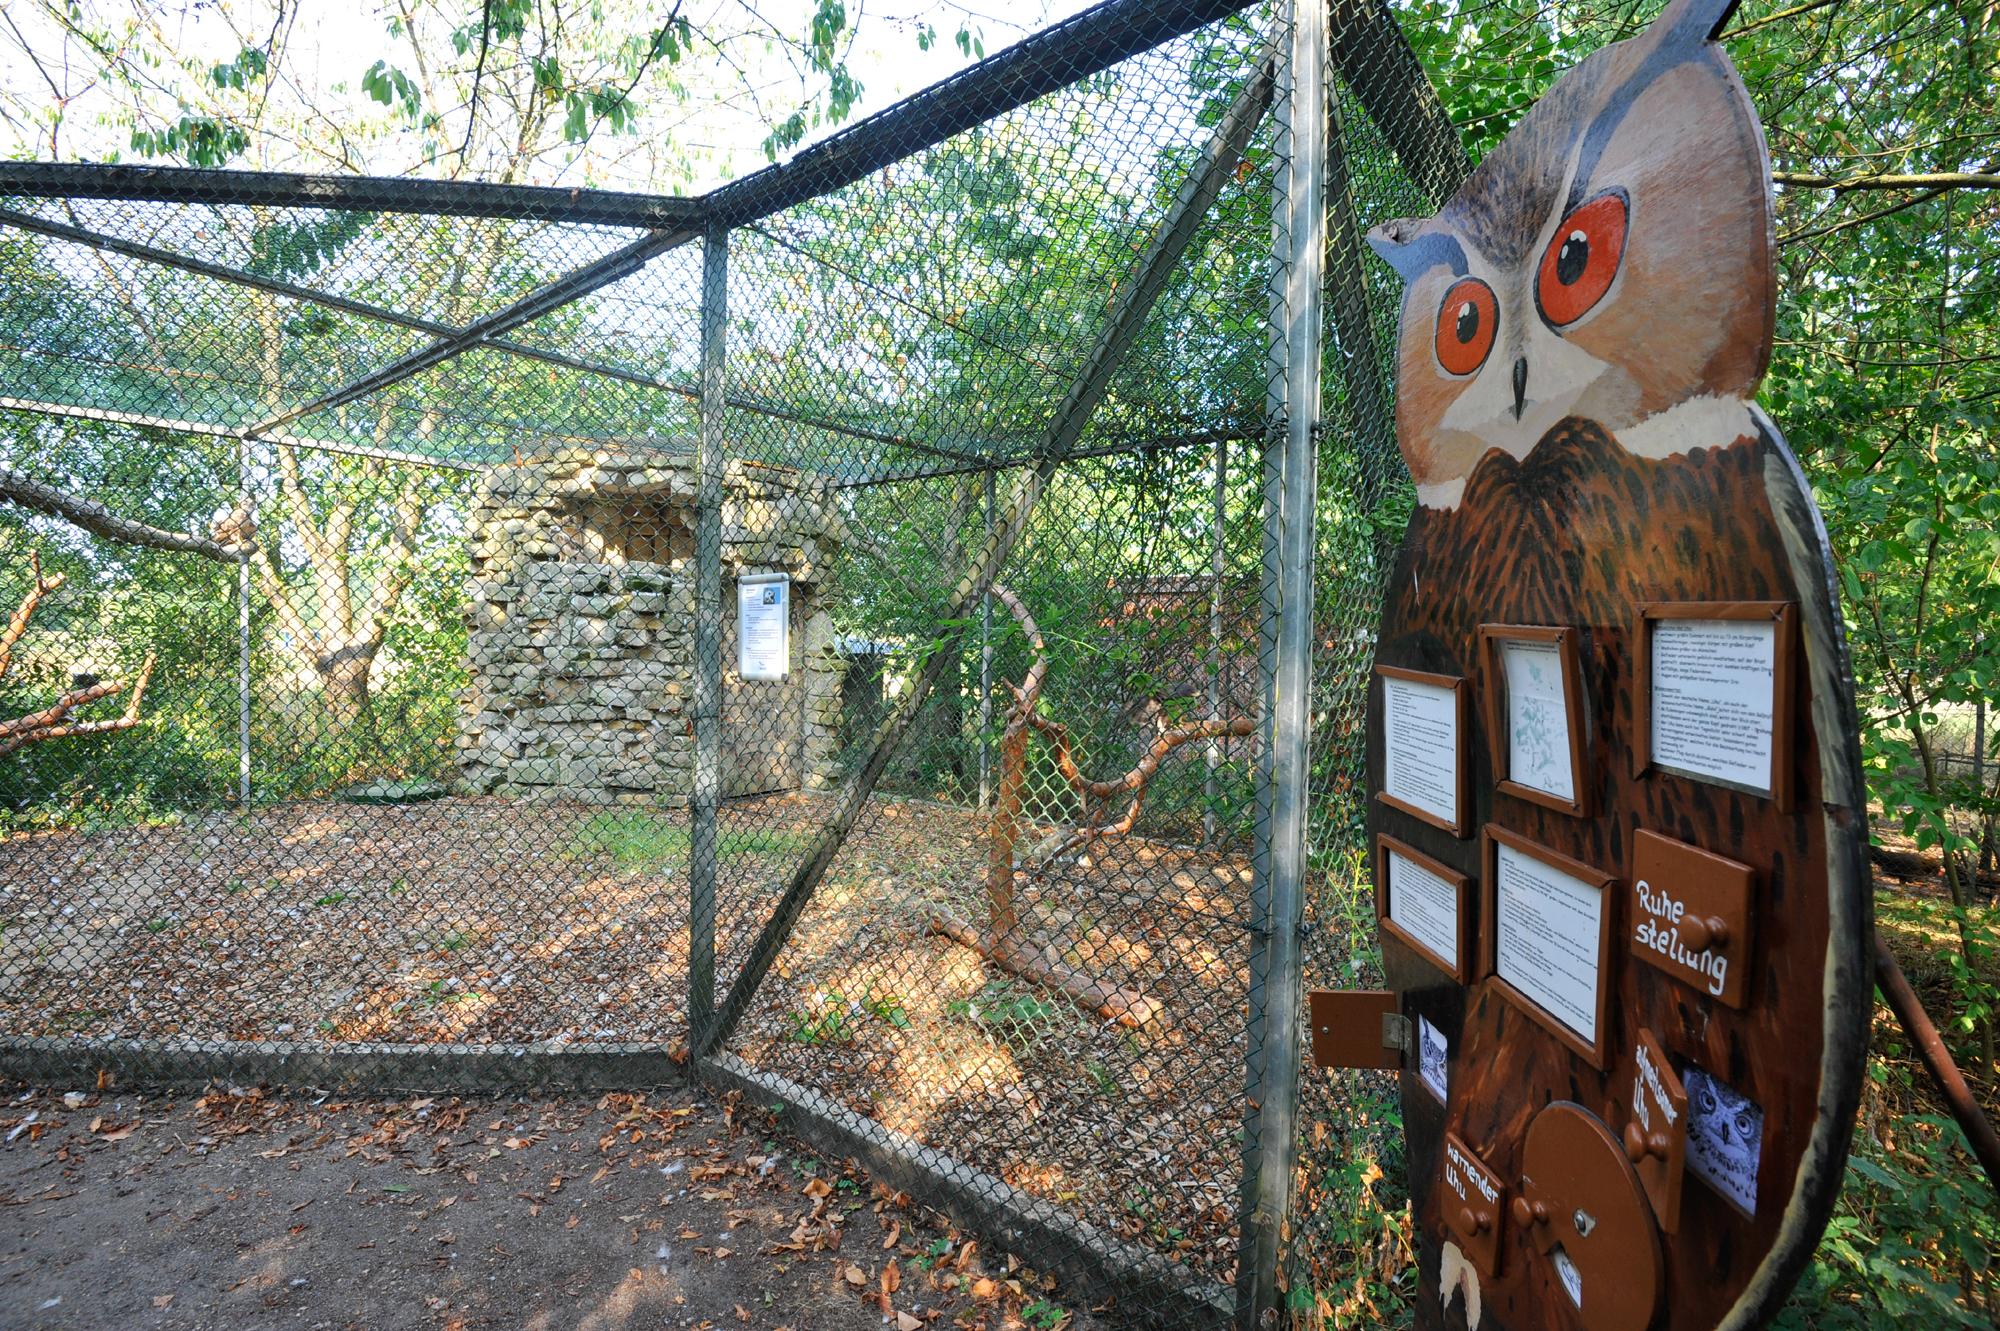 Gehege im Nabu-Artenschutzzentrum in Leiferde in der Südheide Gifhorn